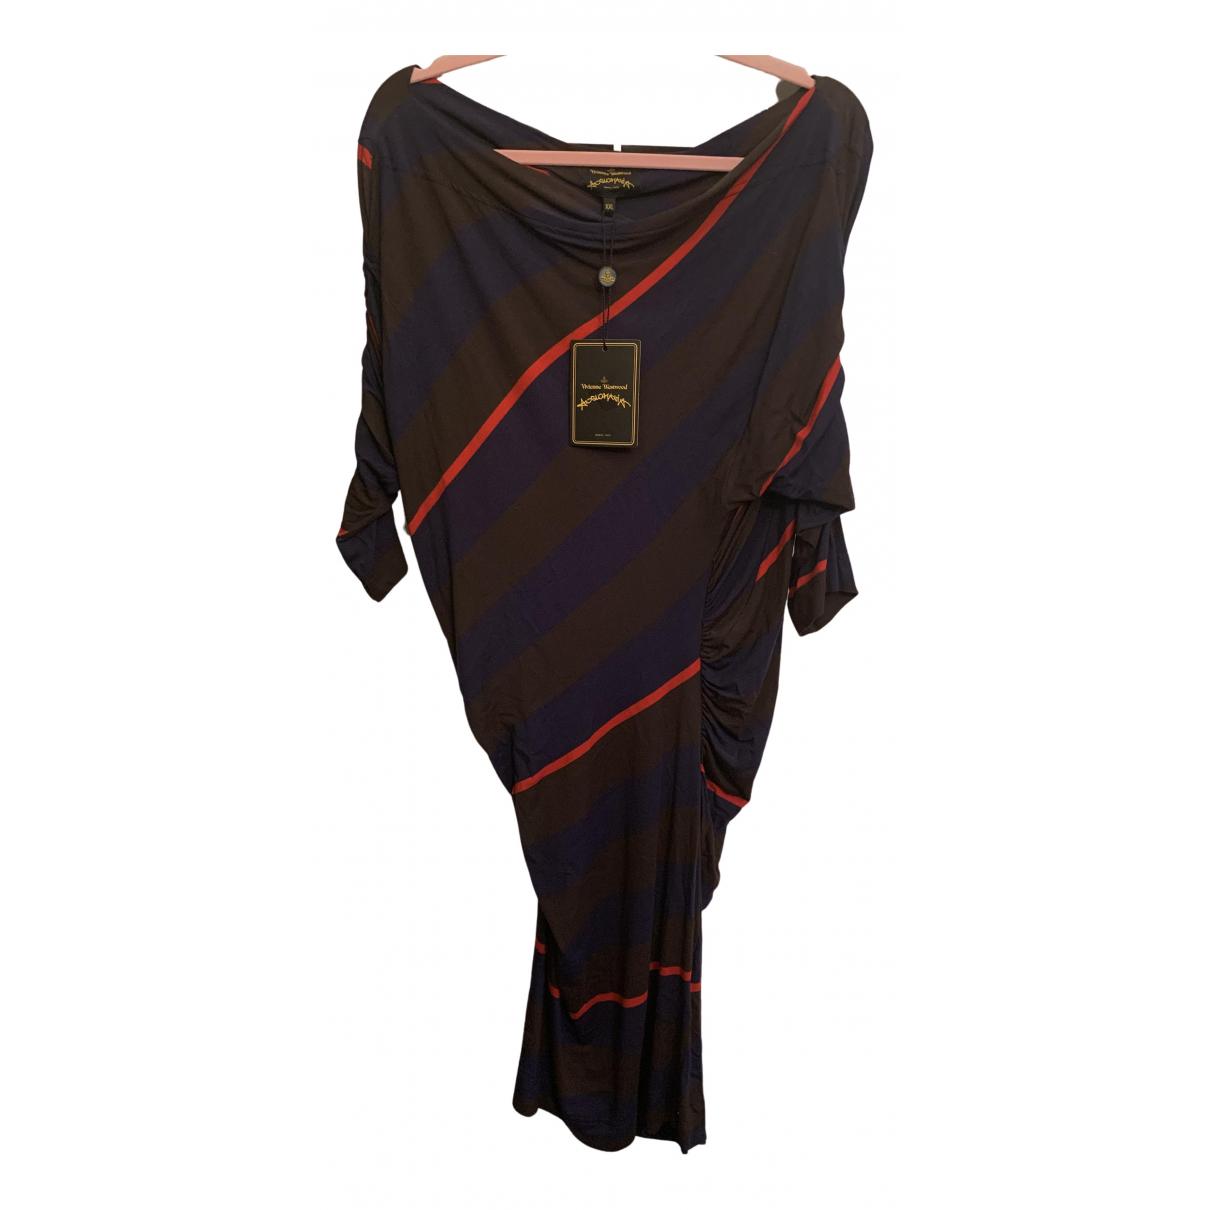 Vivienne Westwood Anglomania \N Kleid in  Braun Viskose